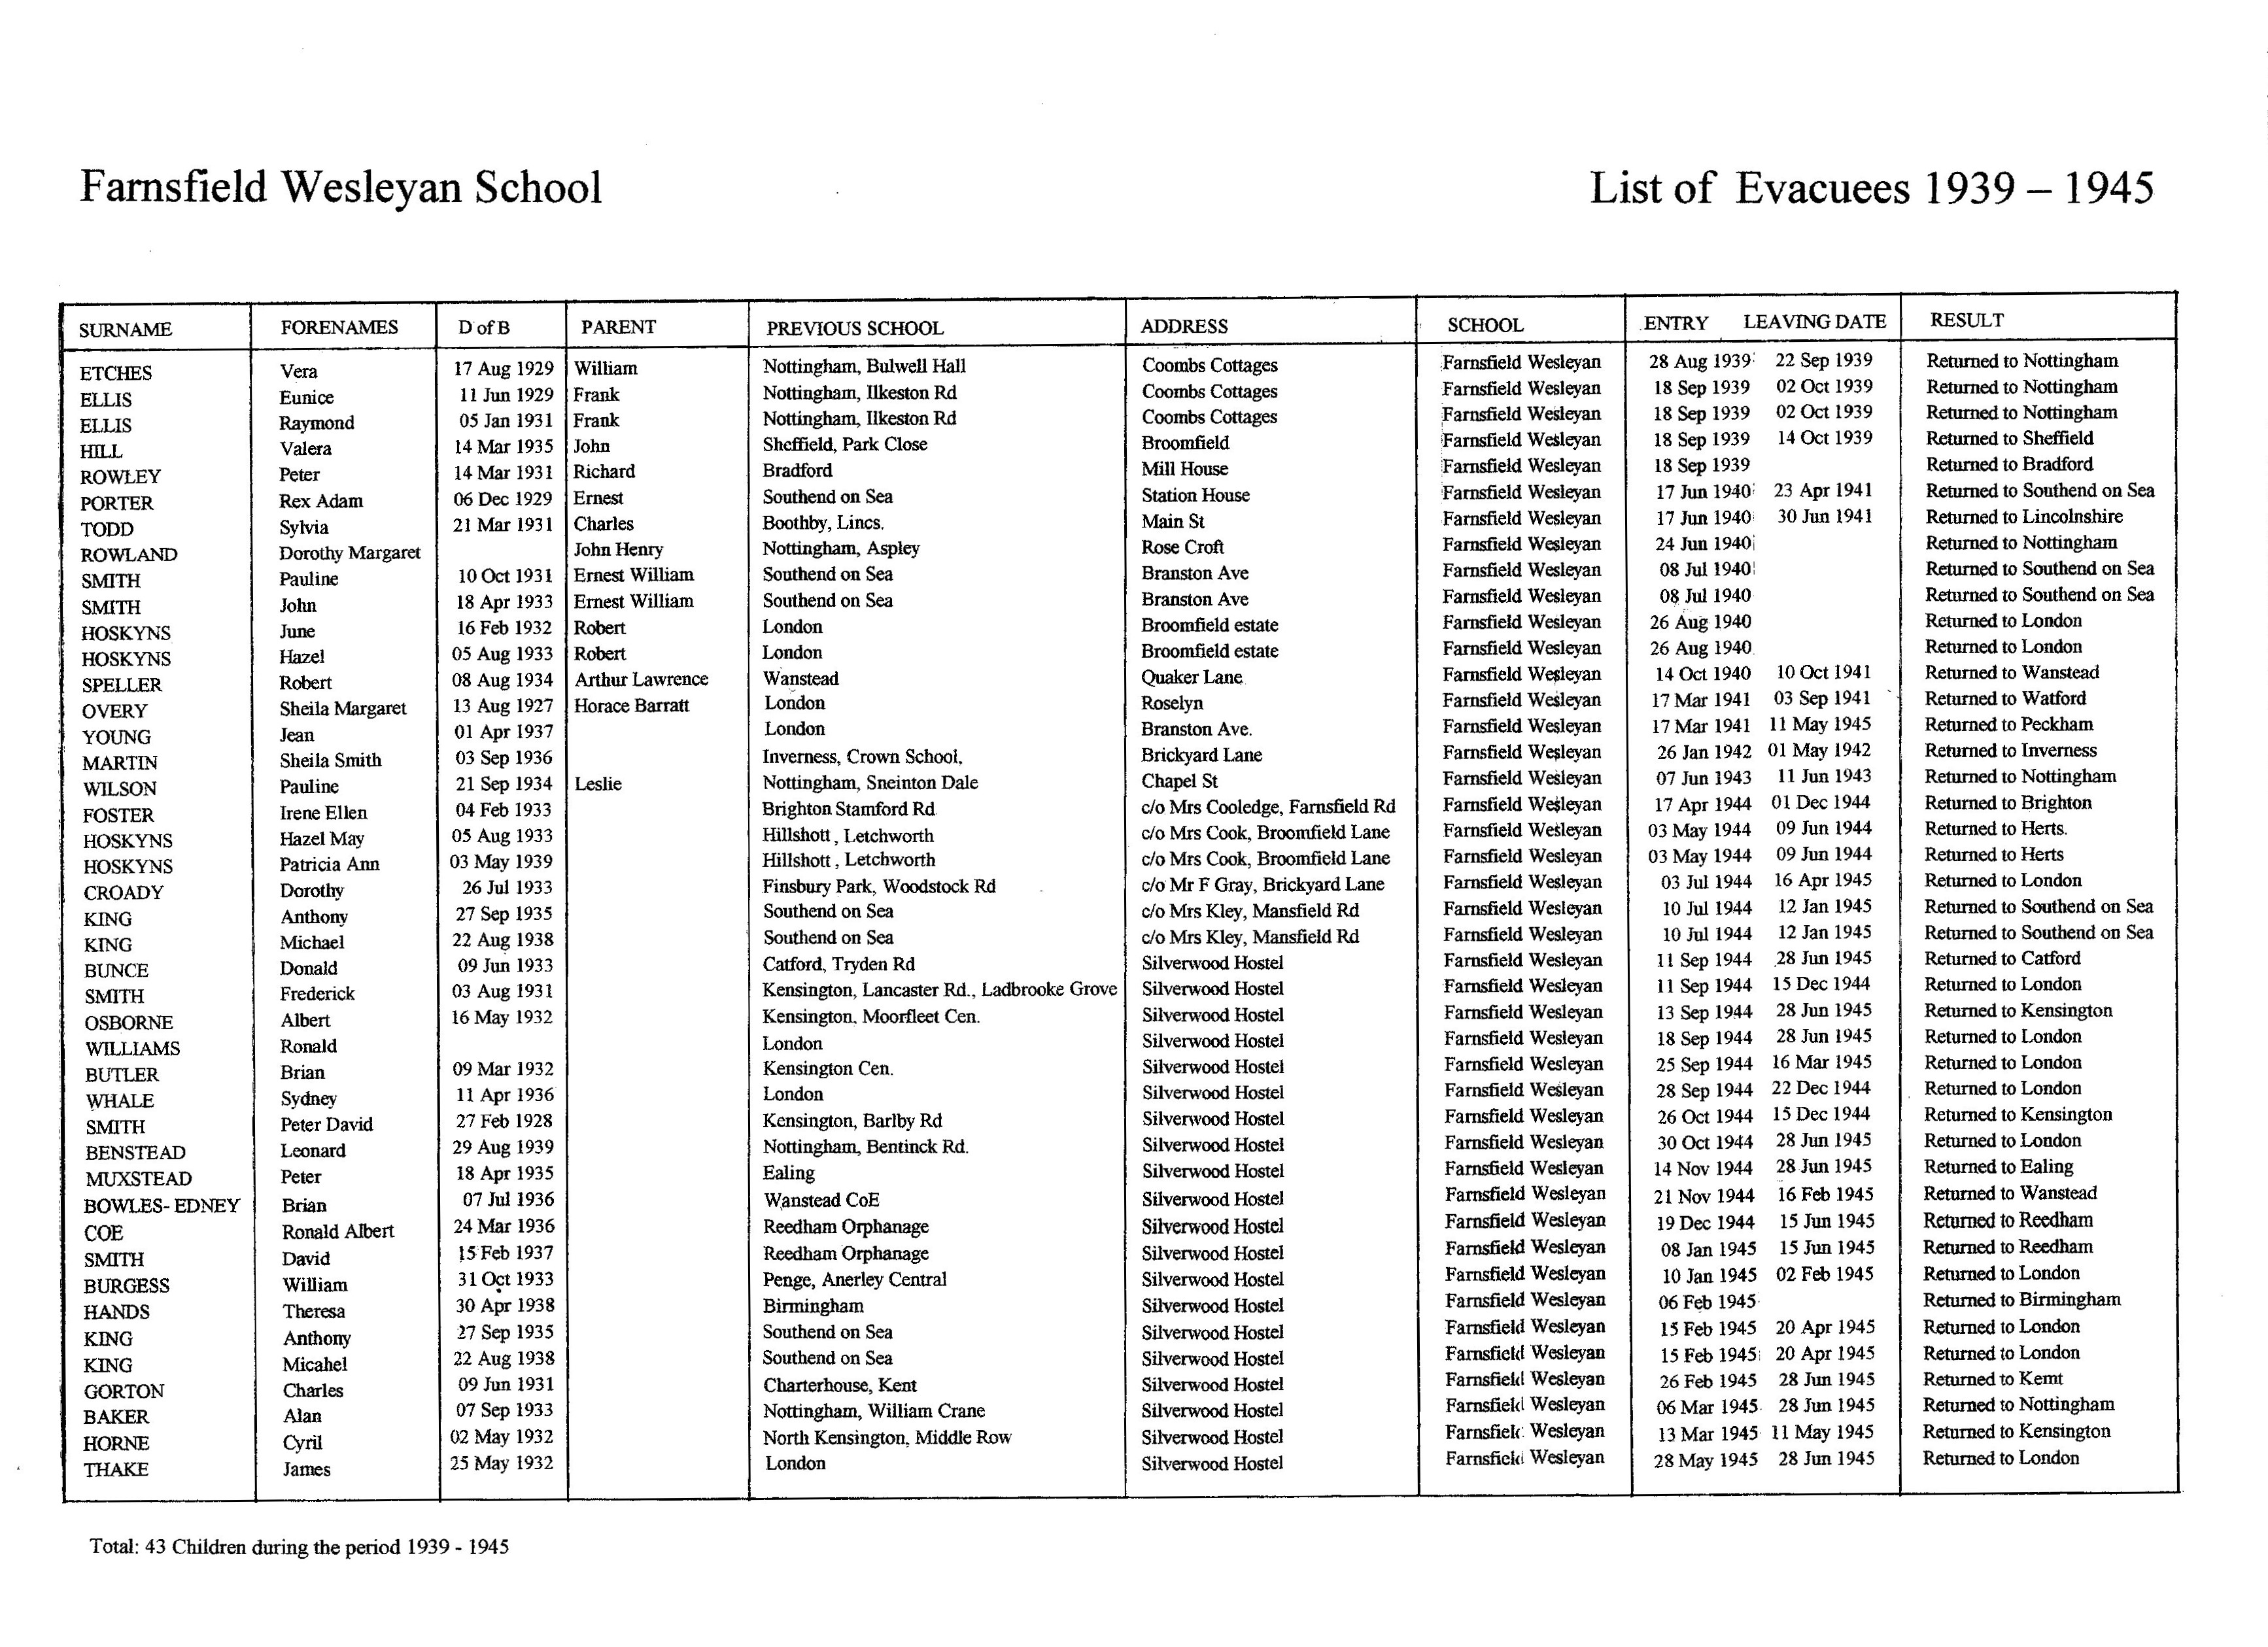 Evacuees Wesleyan School103